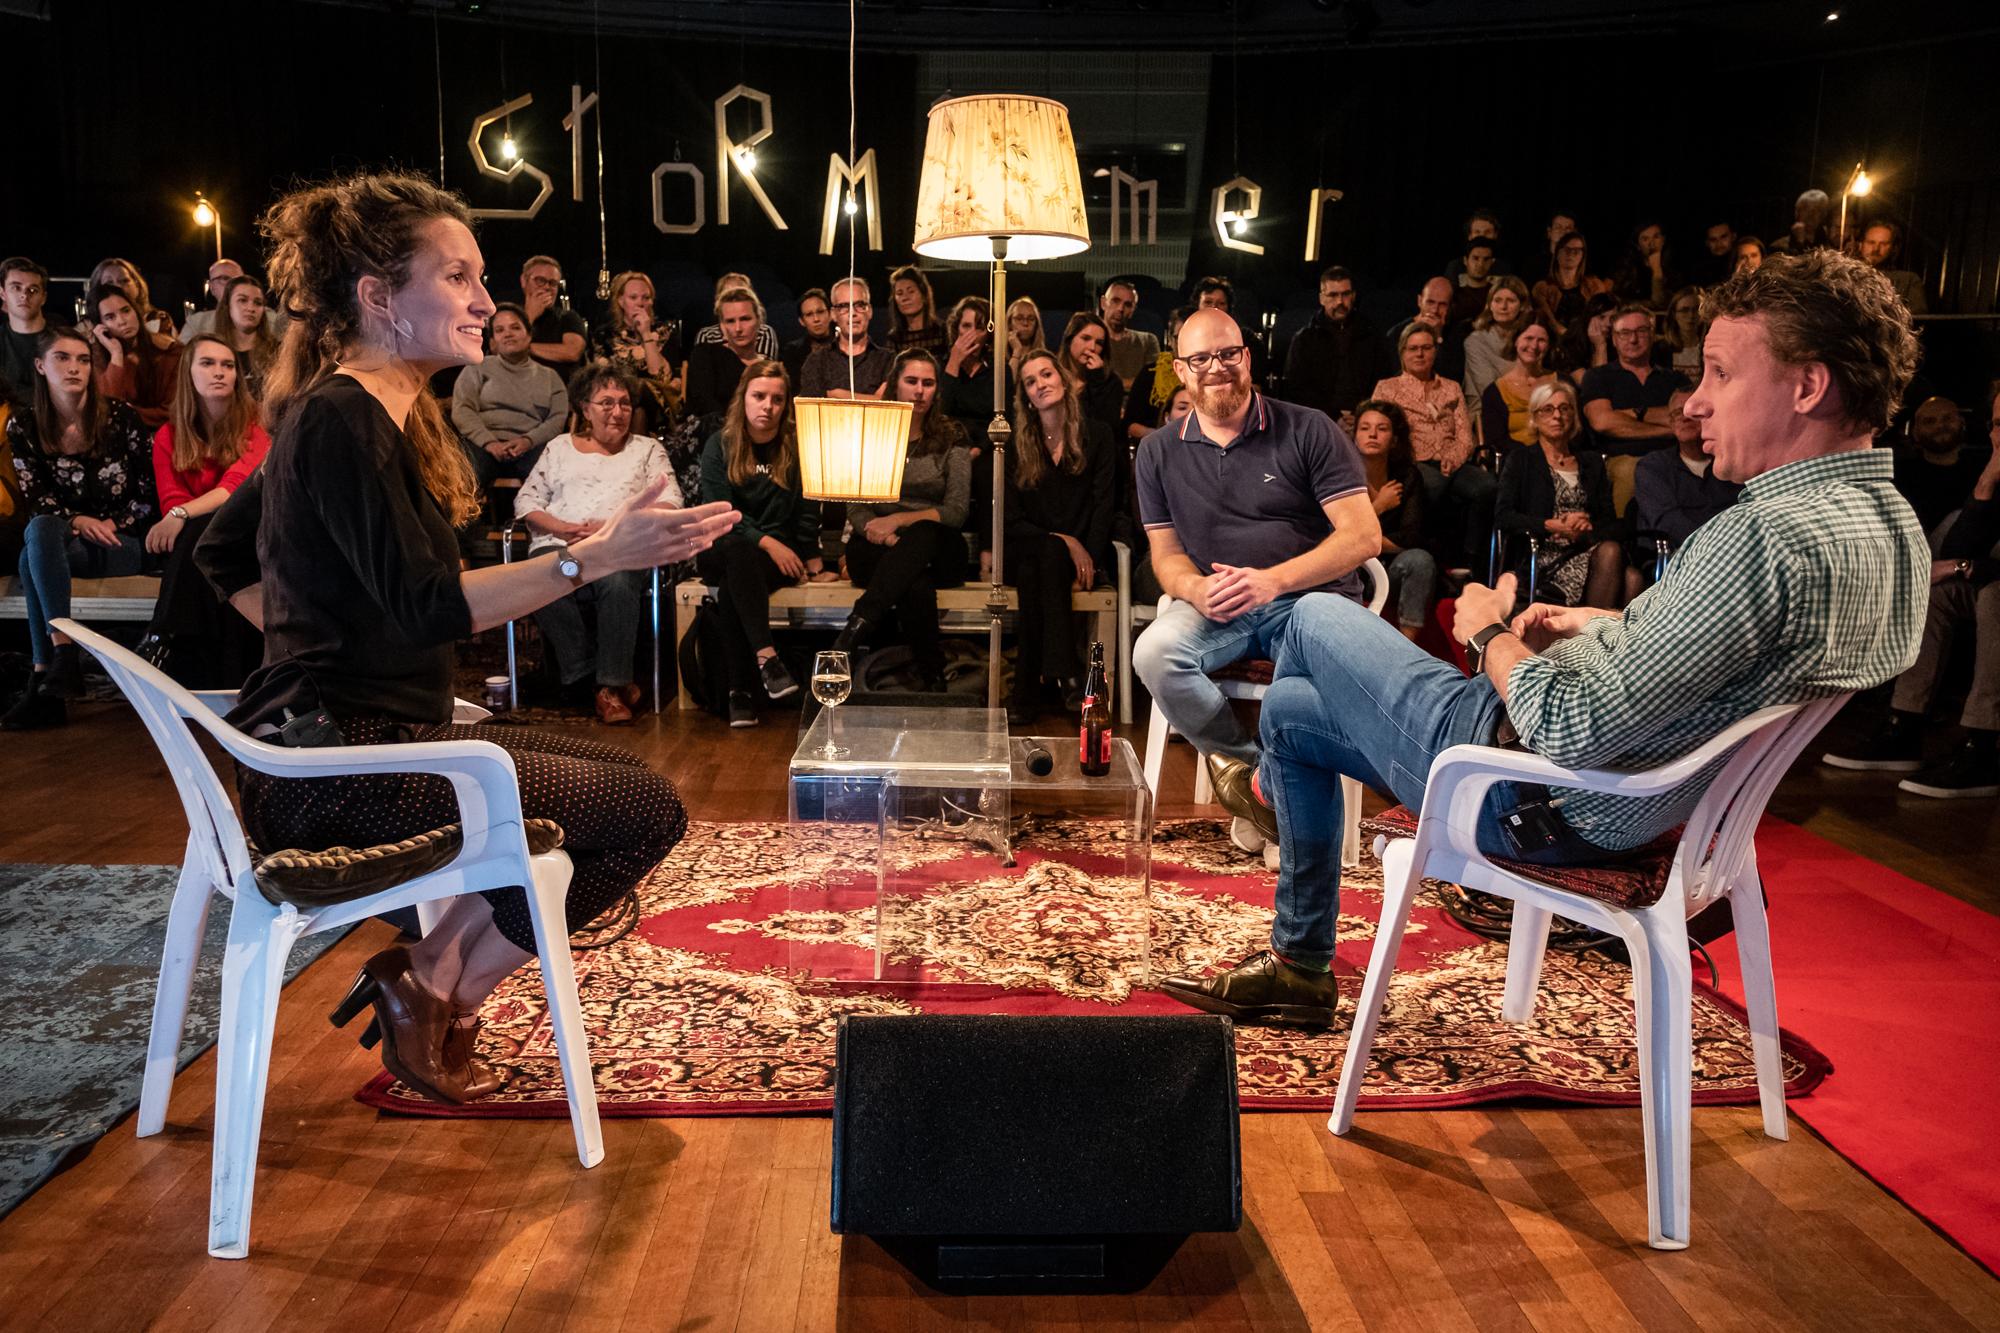 Salon: waan of werkelijkheid? (Tilburg)